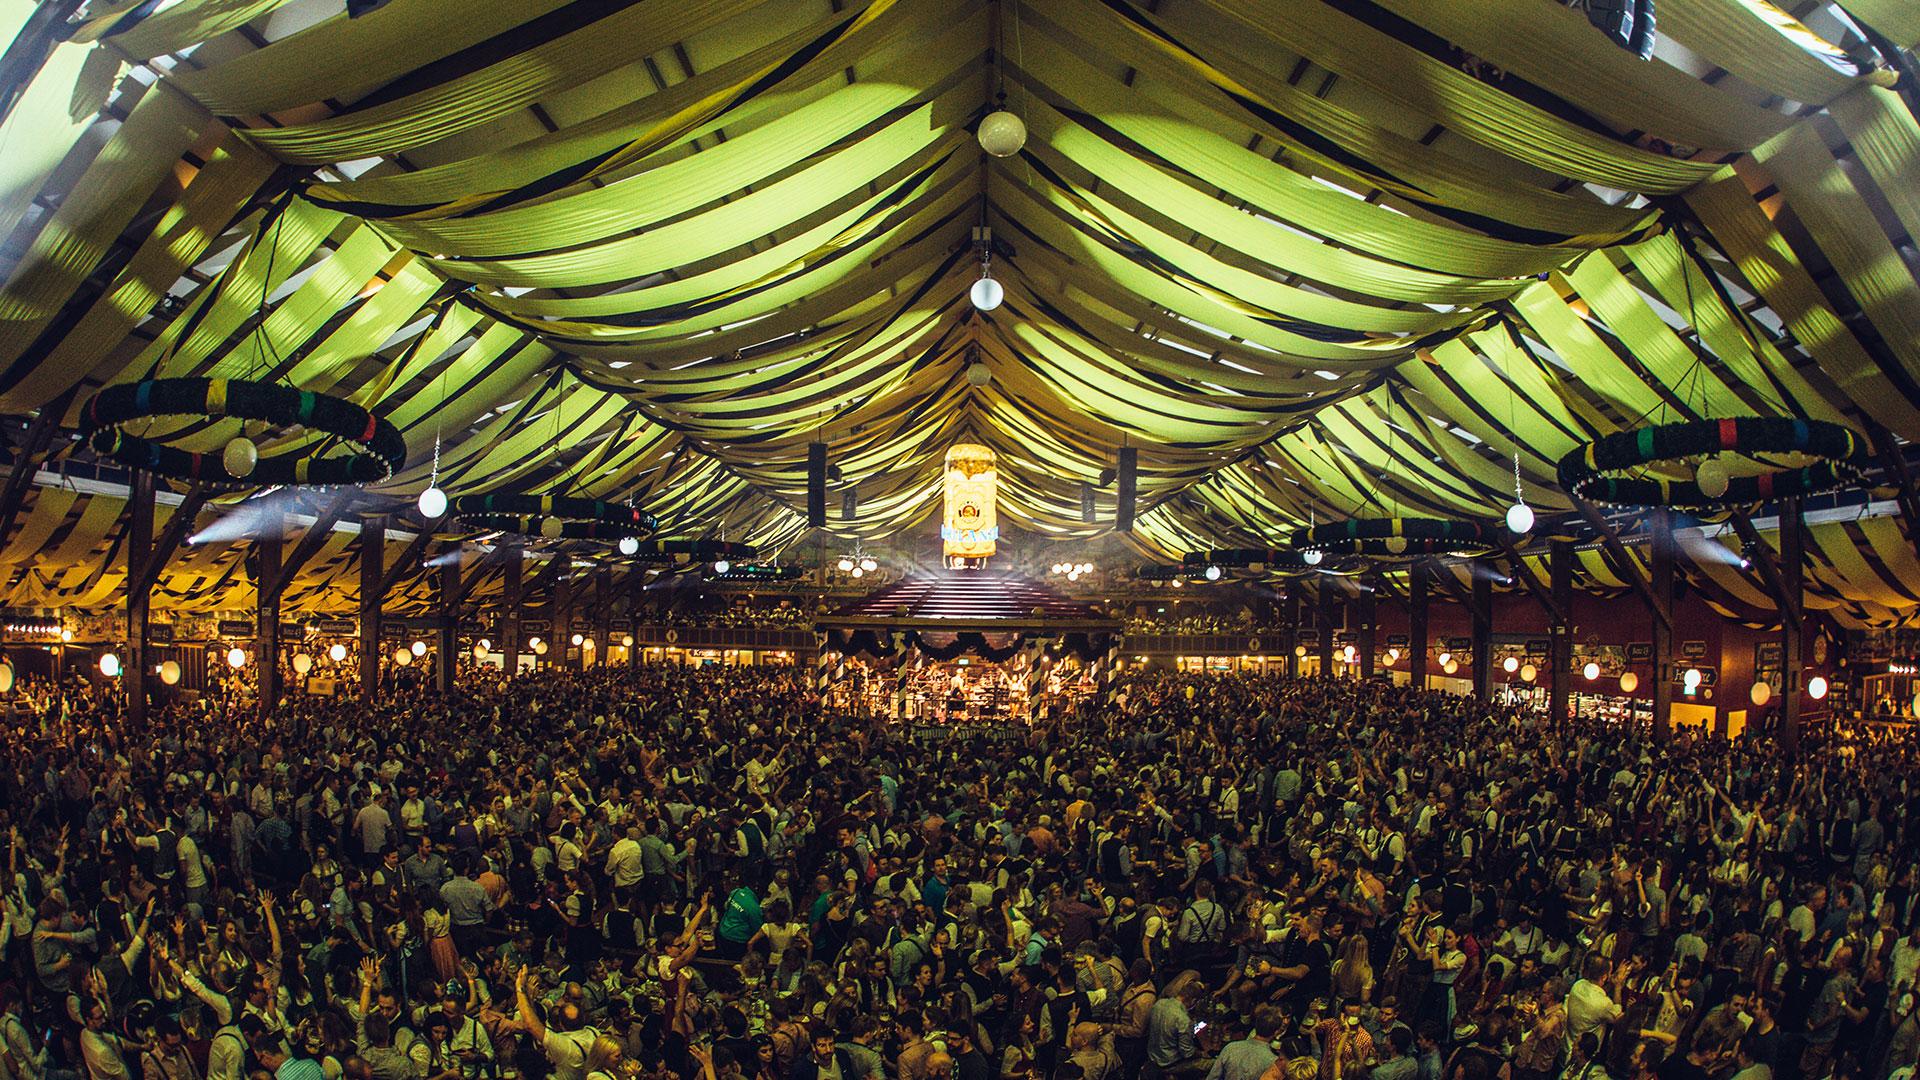 Paulaner_Oktoberfest2019_JB-Lighting_P18_Dora_Showtechnik_3.jpg